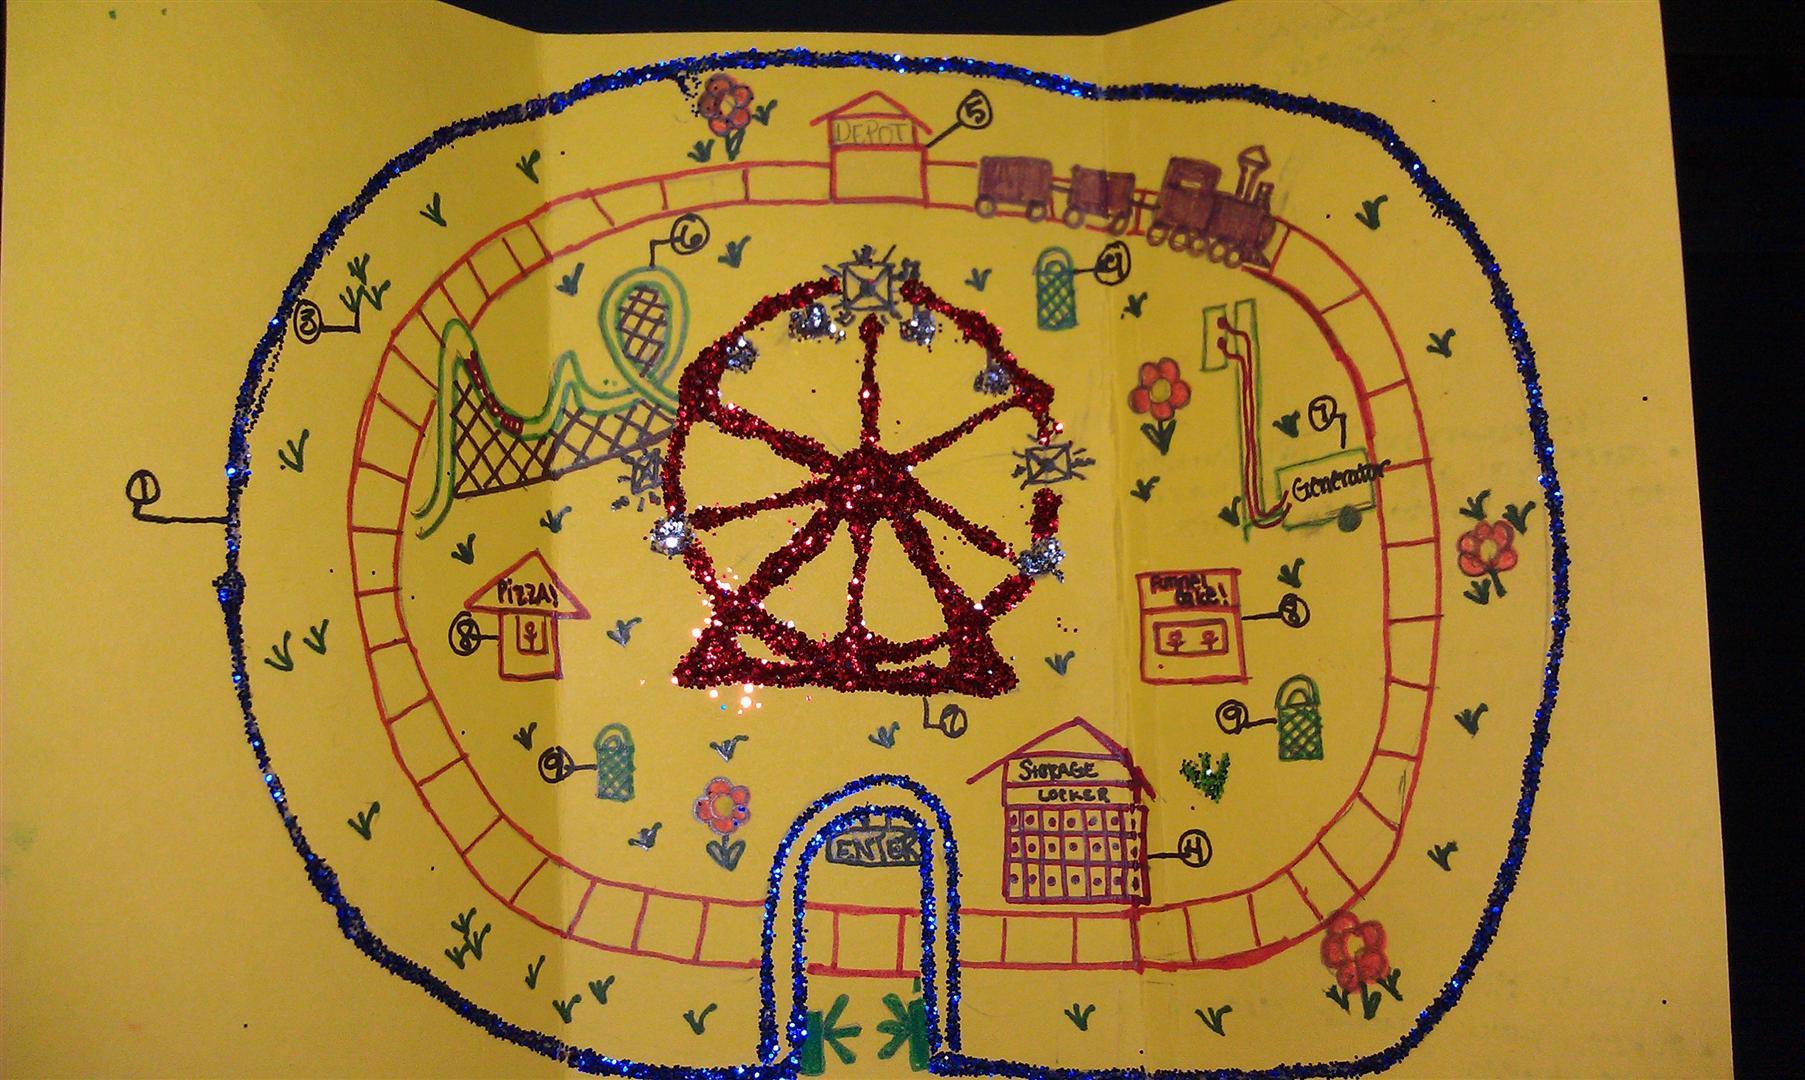 Cell Brochure Amusement Park Wwwtollebildcom